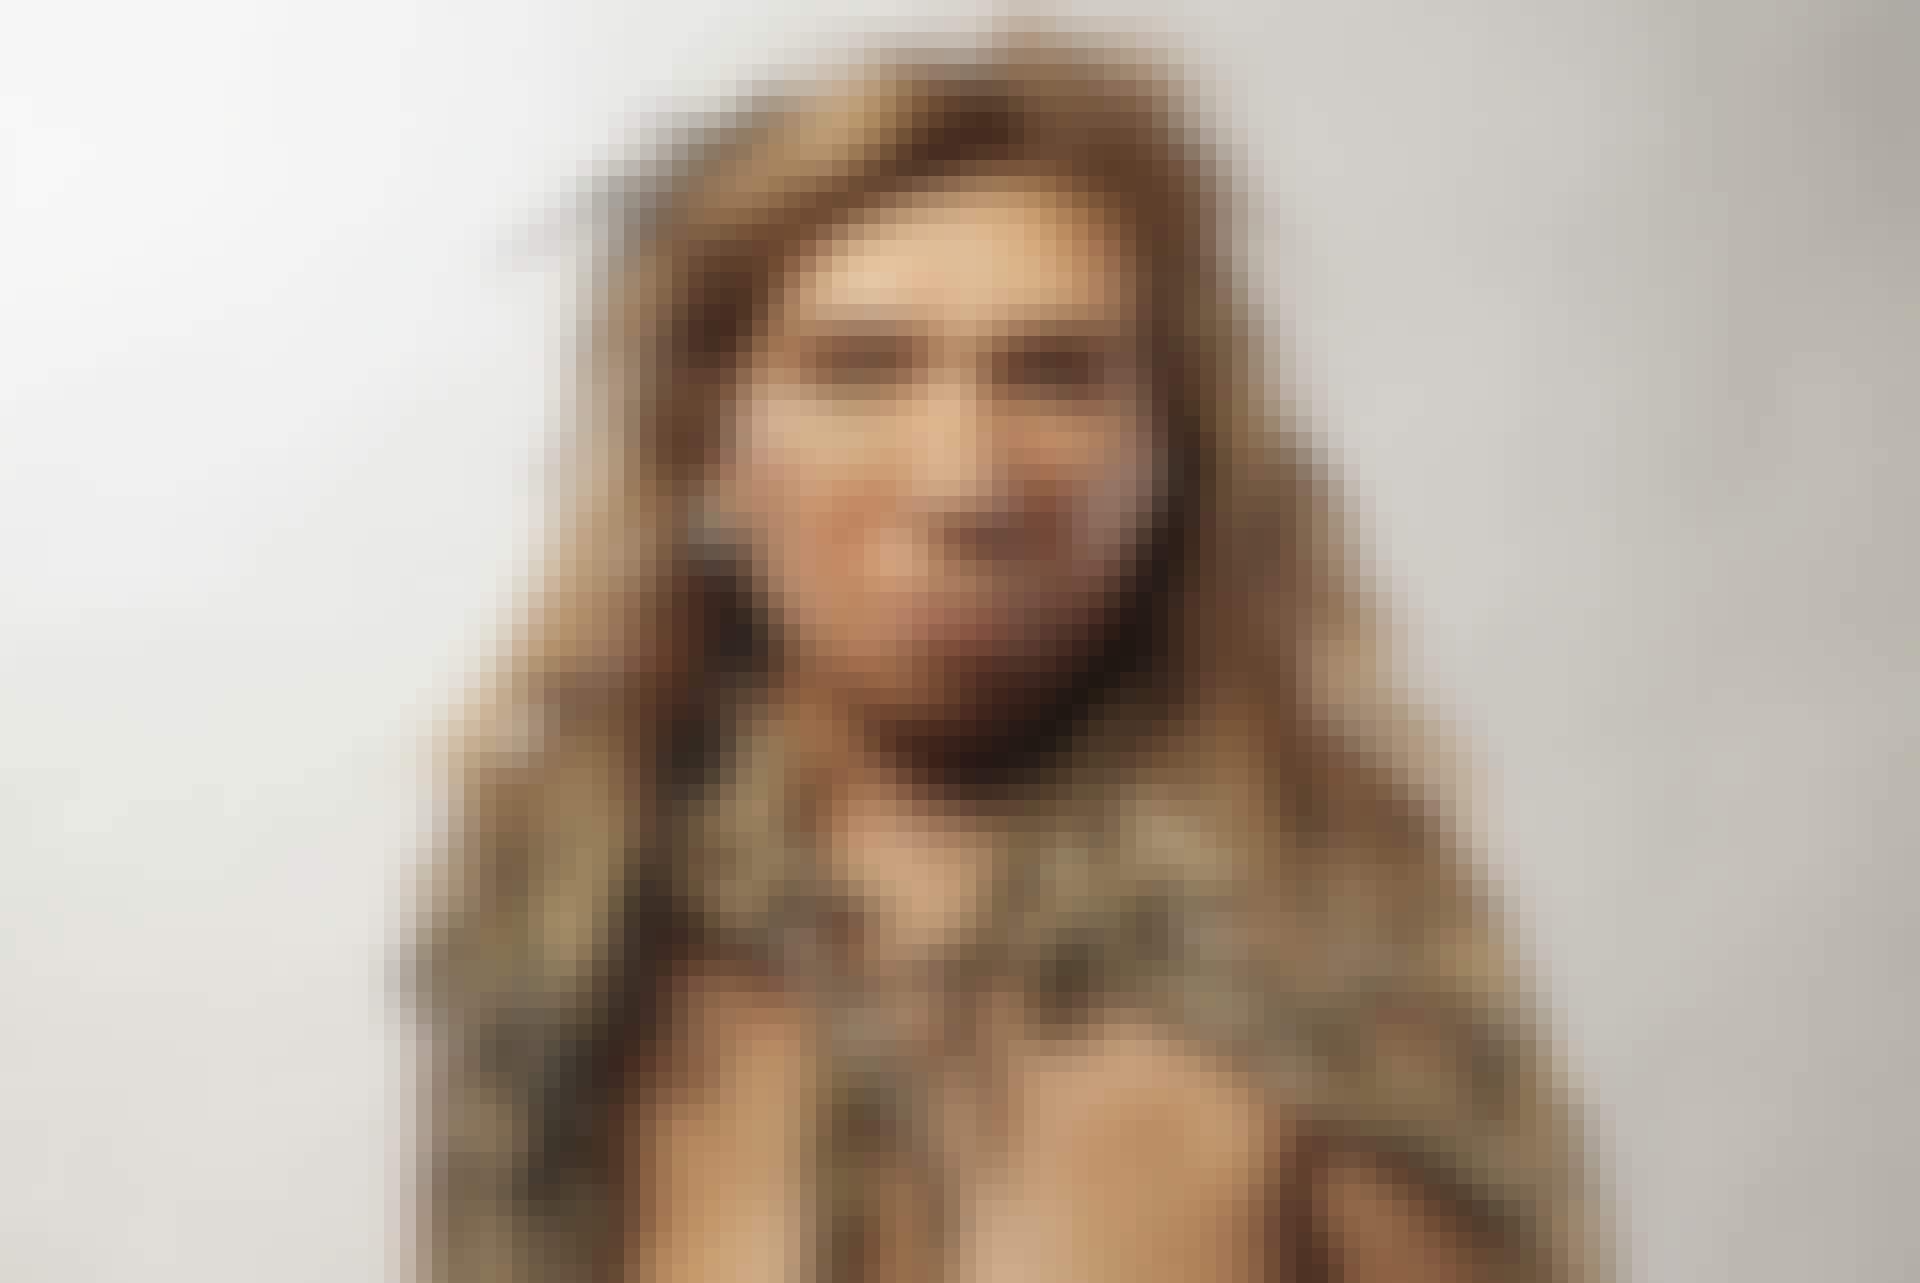 Hvor klog var en neandertaler?